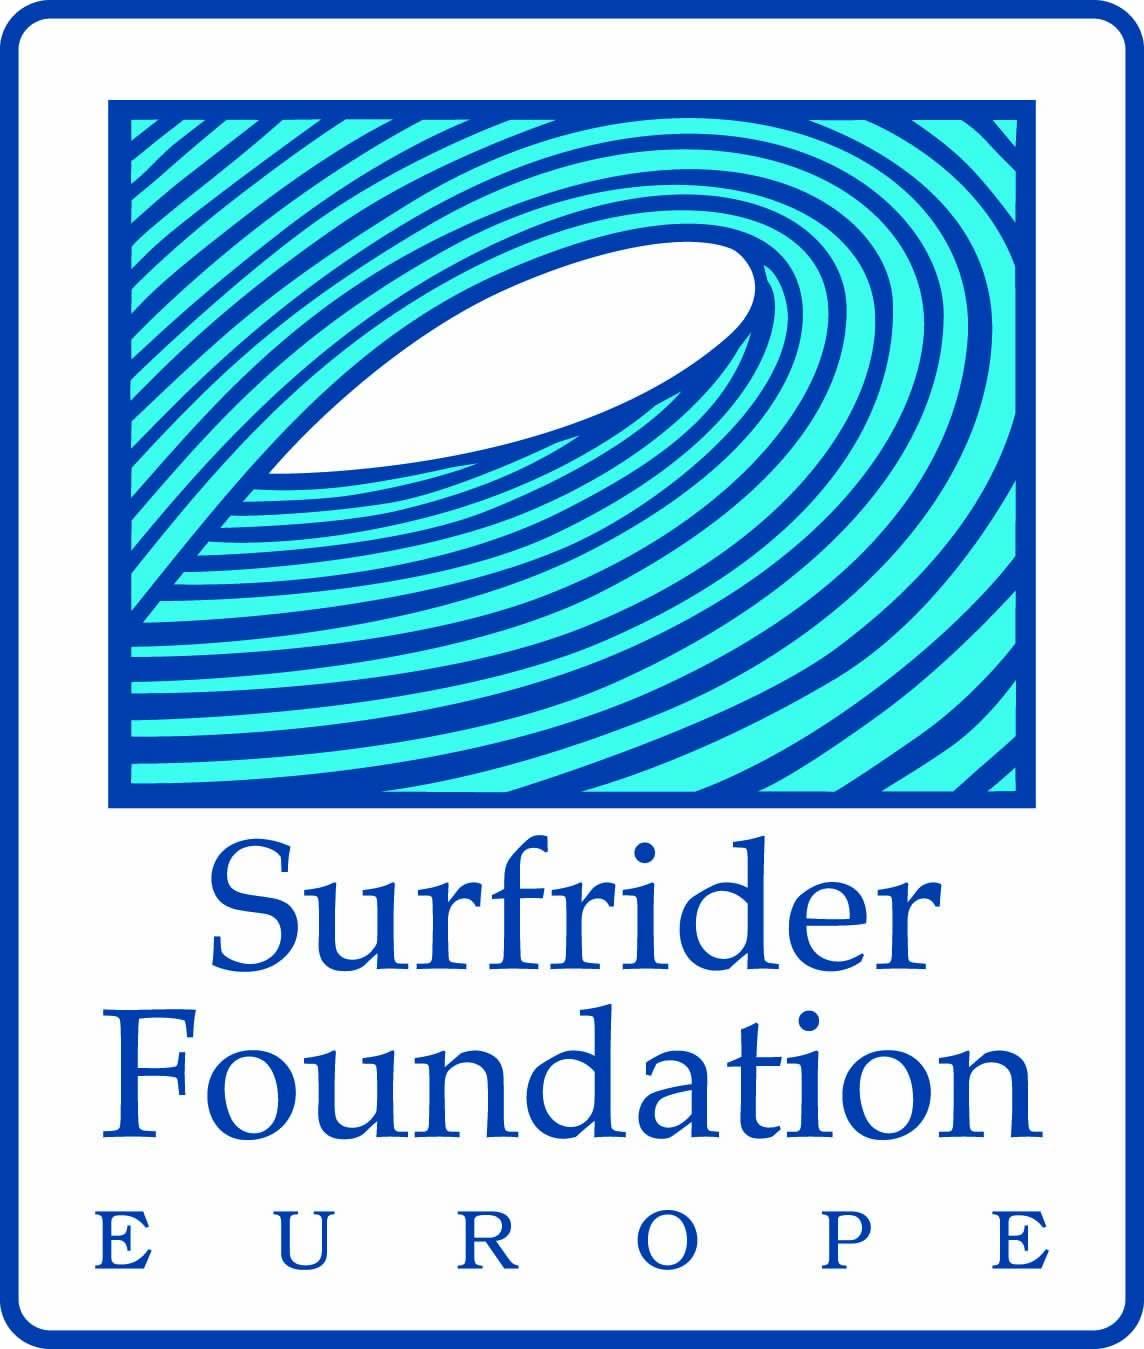 SURFRIDER FONDATION